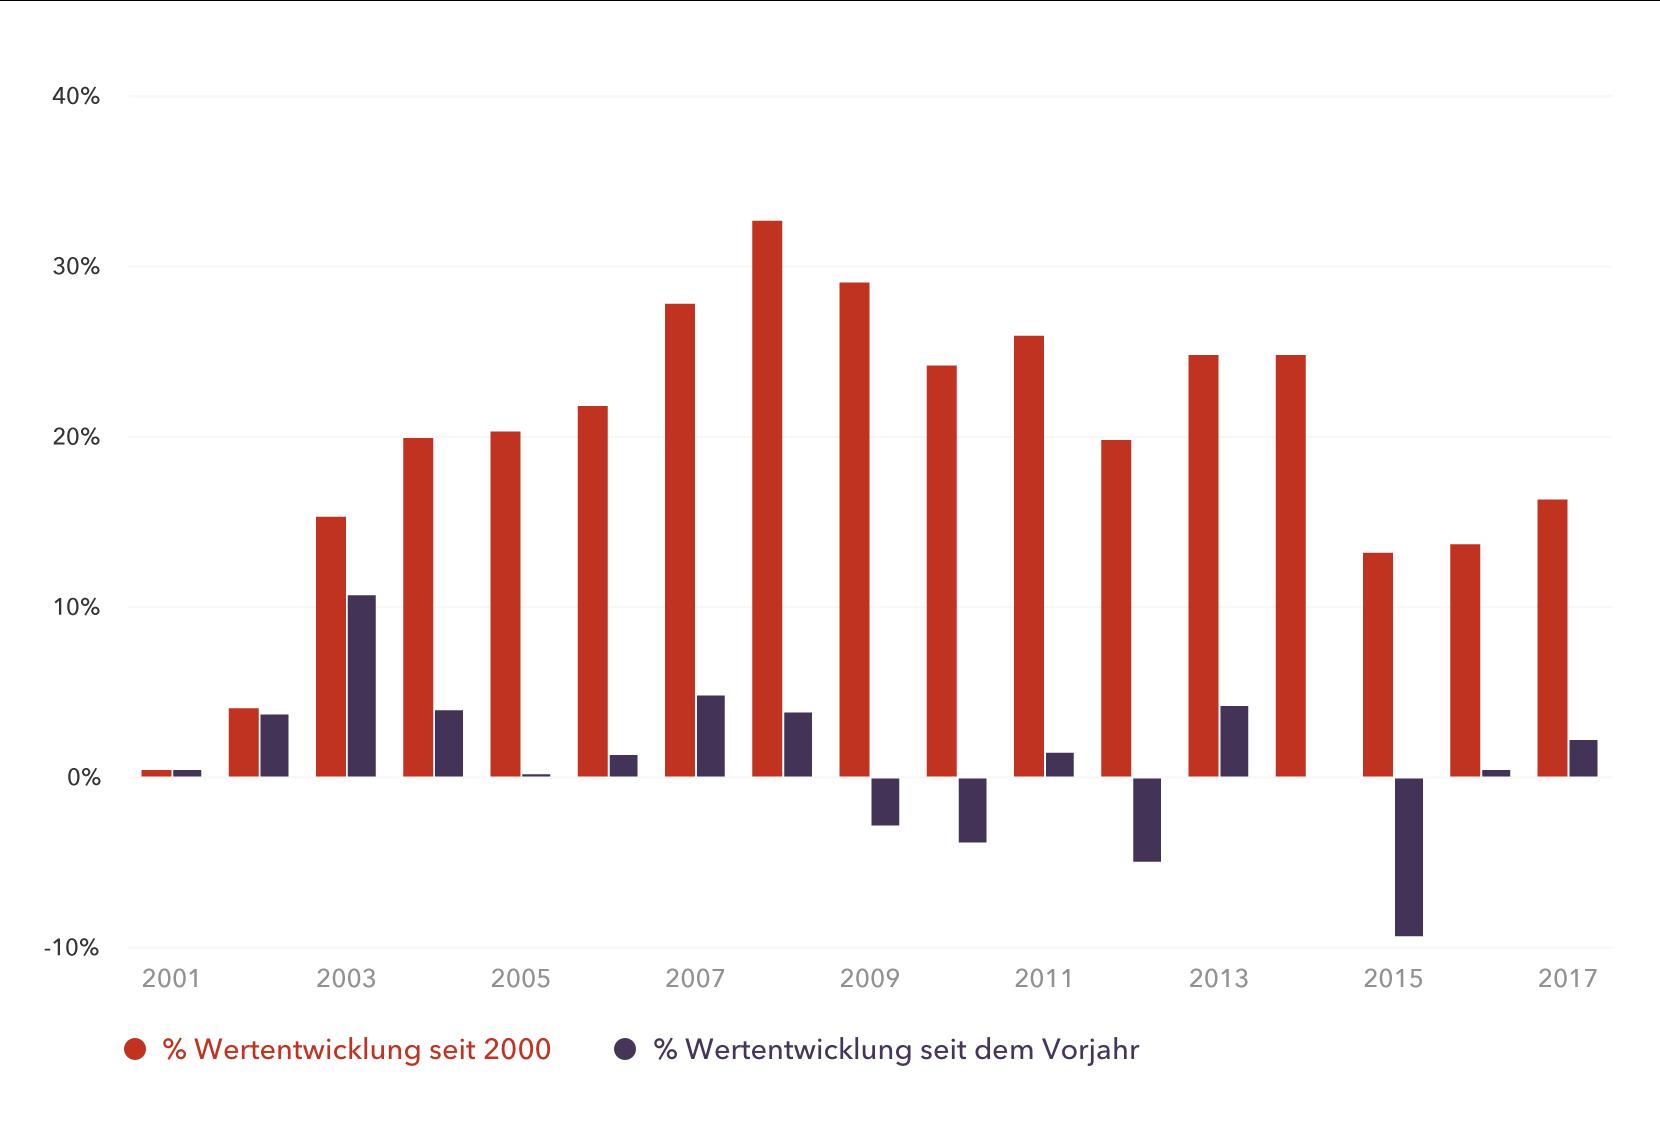 Wertentwicklung seit 2000 in EUR